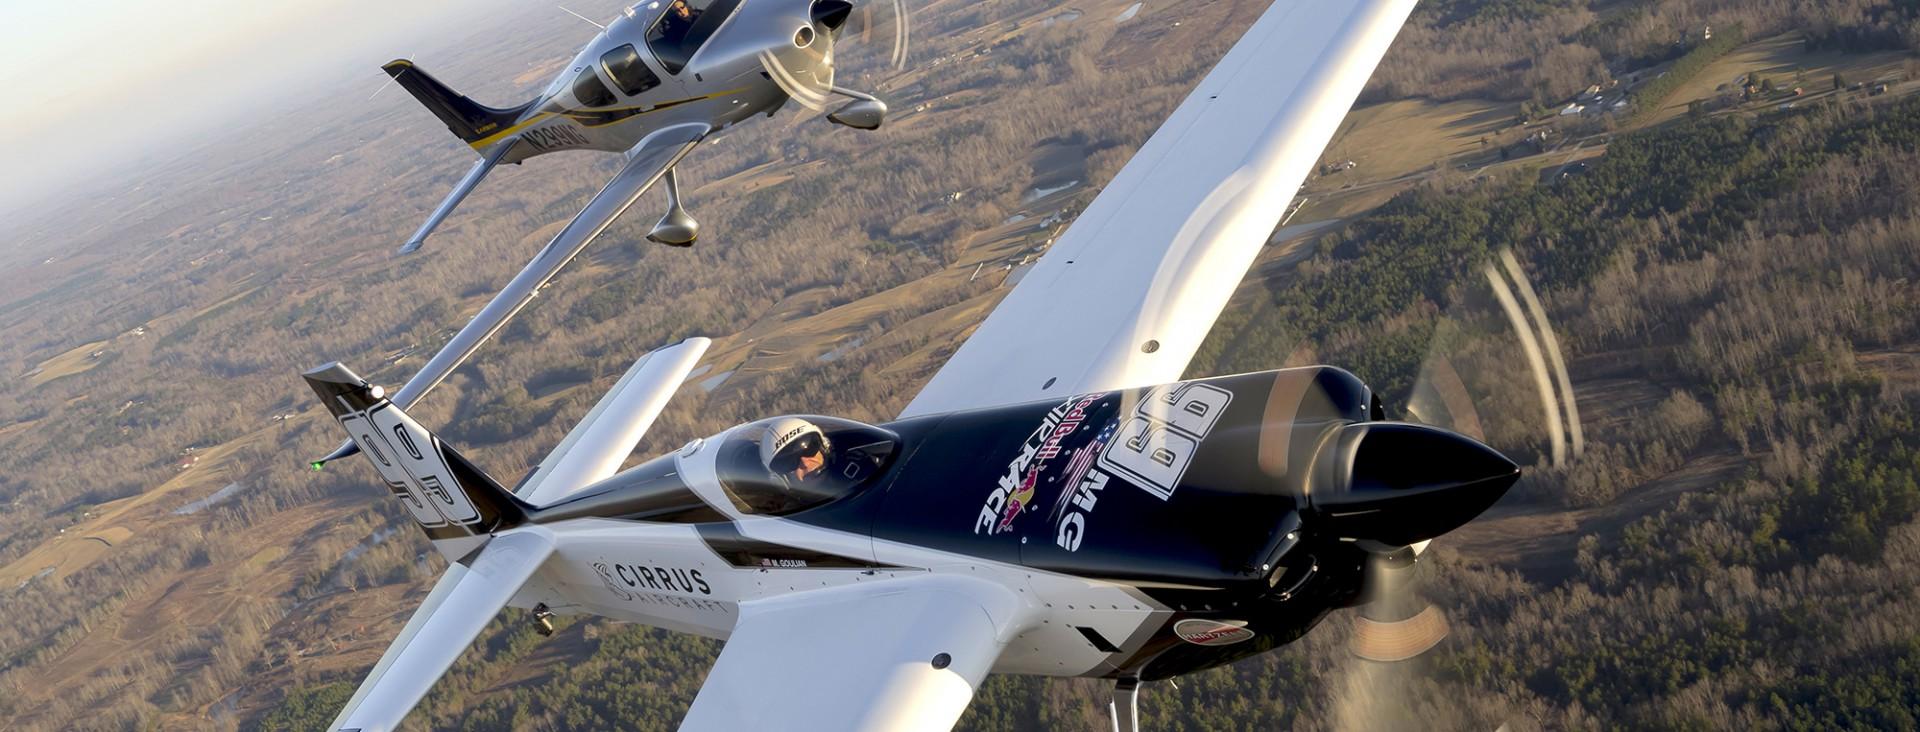 cirrus aircraft bull air race